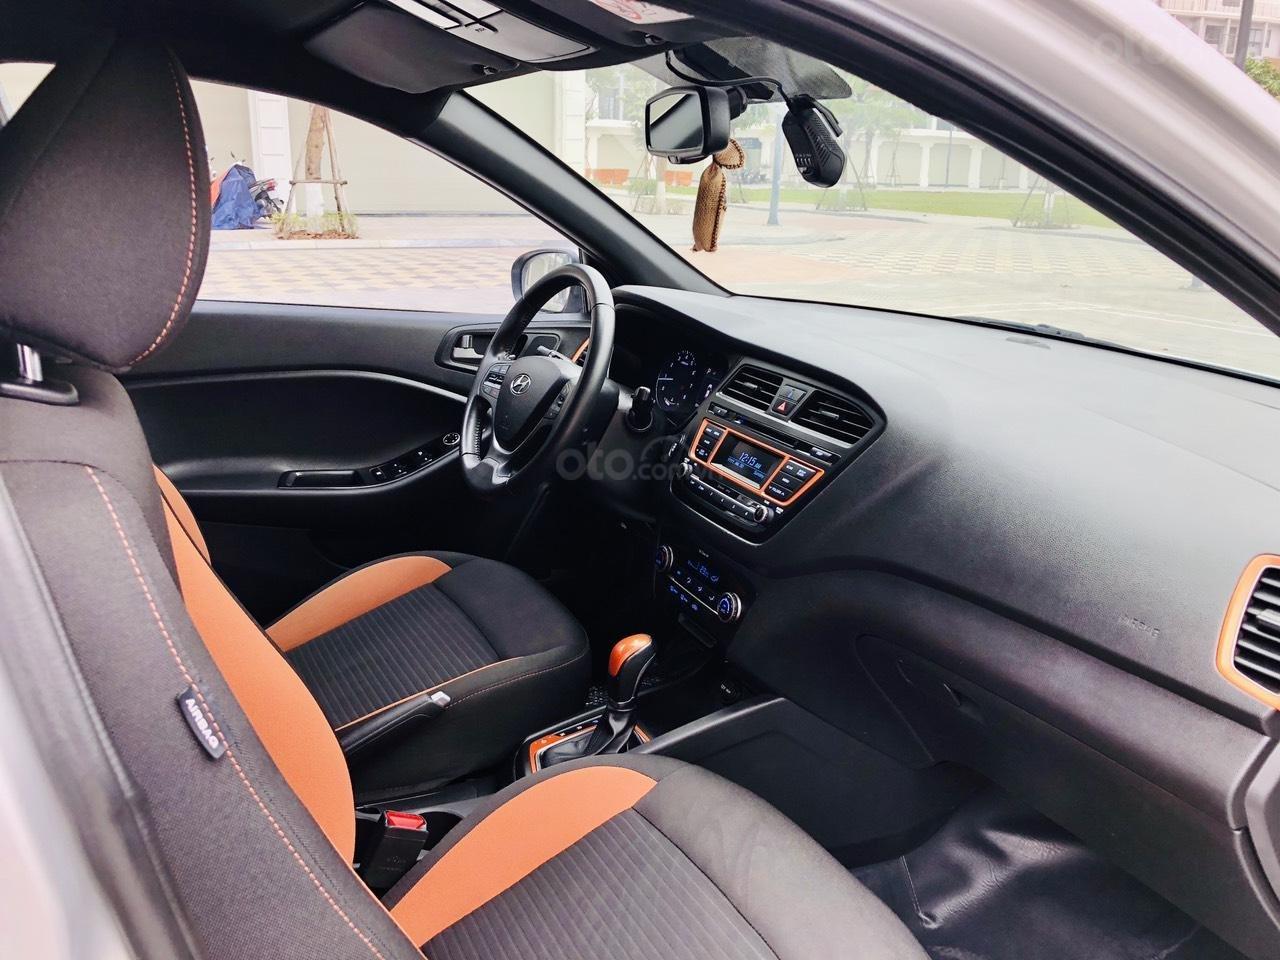 Bán nhanh Hyundai i20 1.4AT SX 2015 bạc, đẹp xuất sắc biển TP (12)